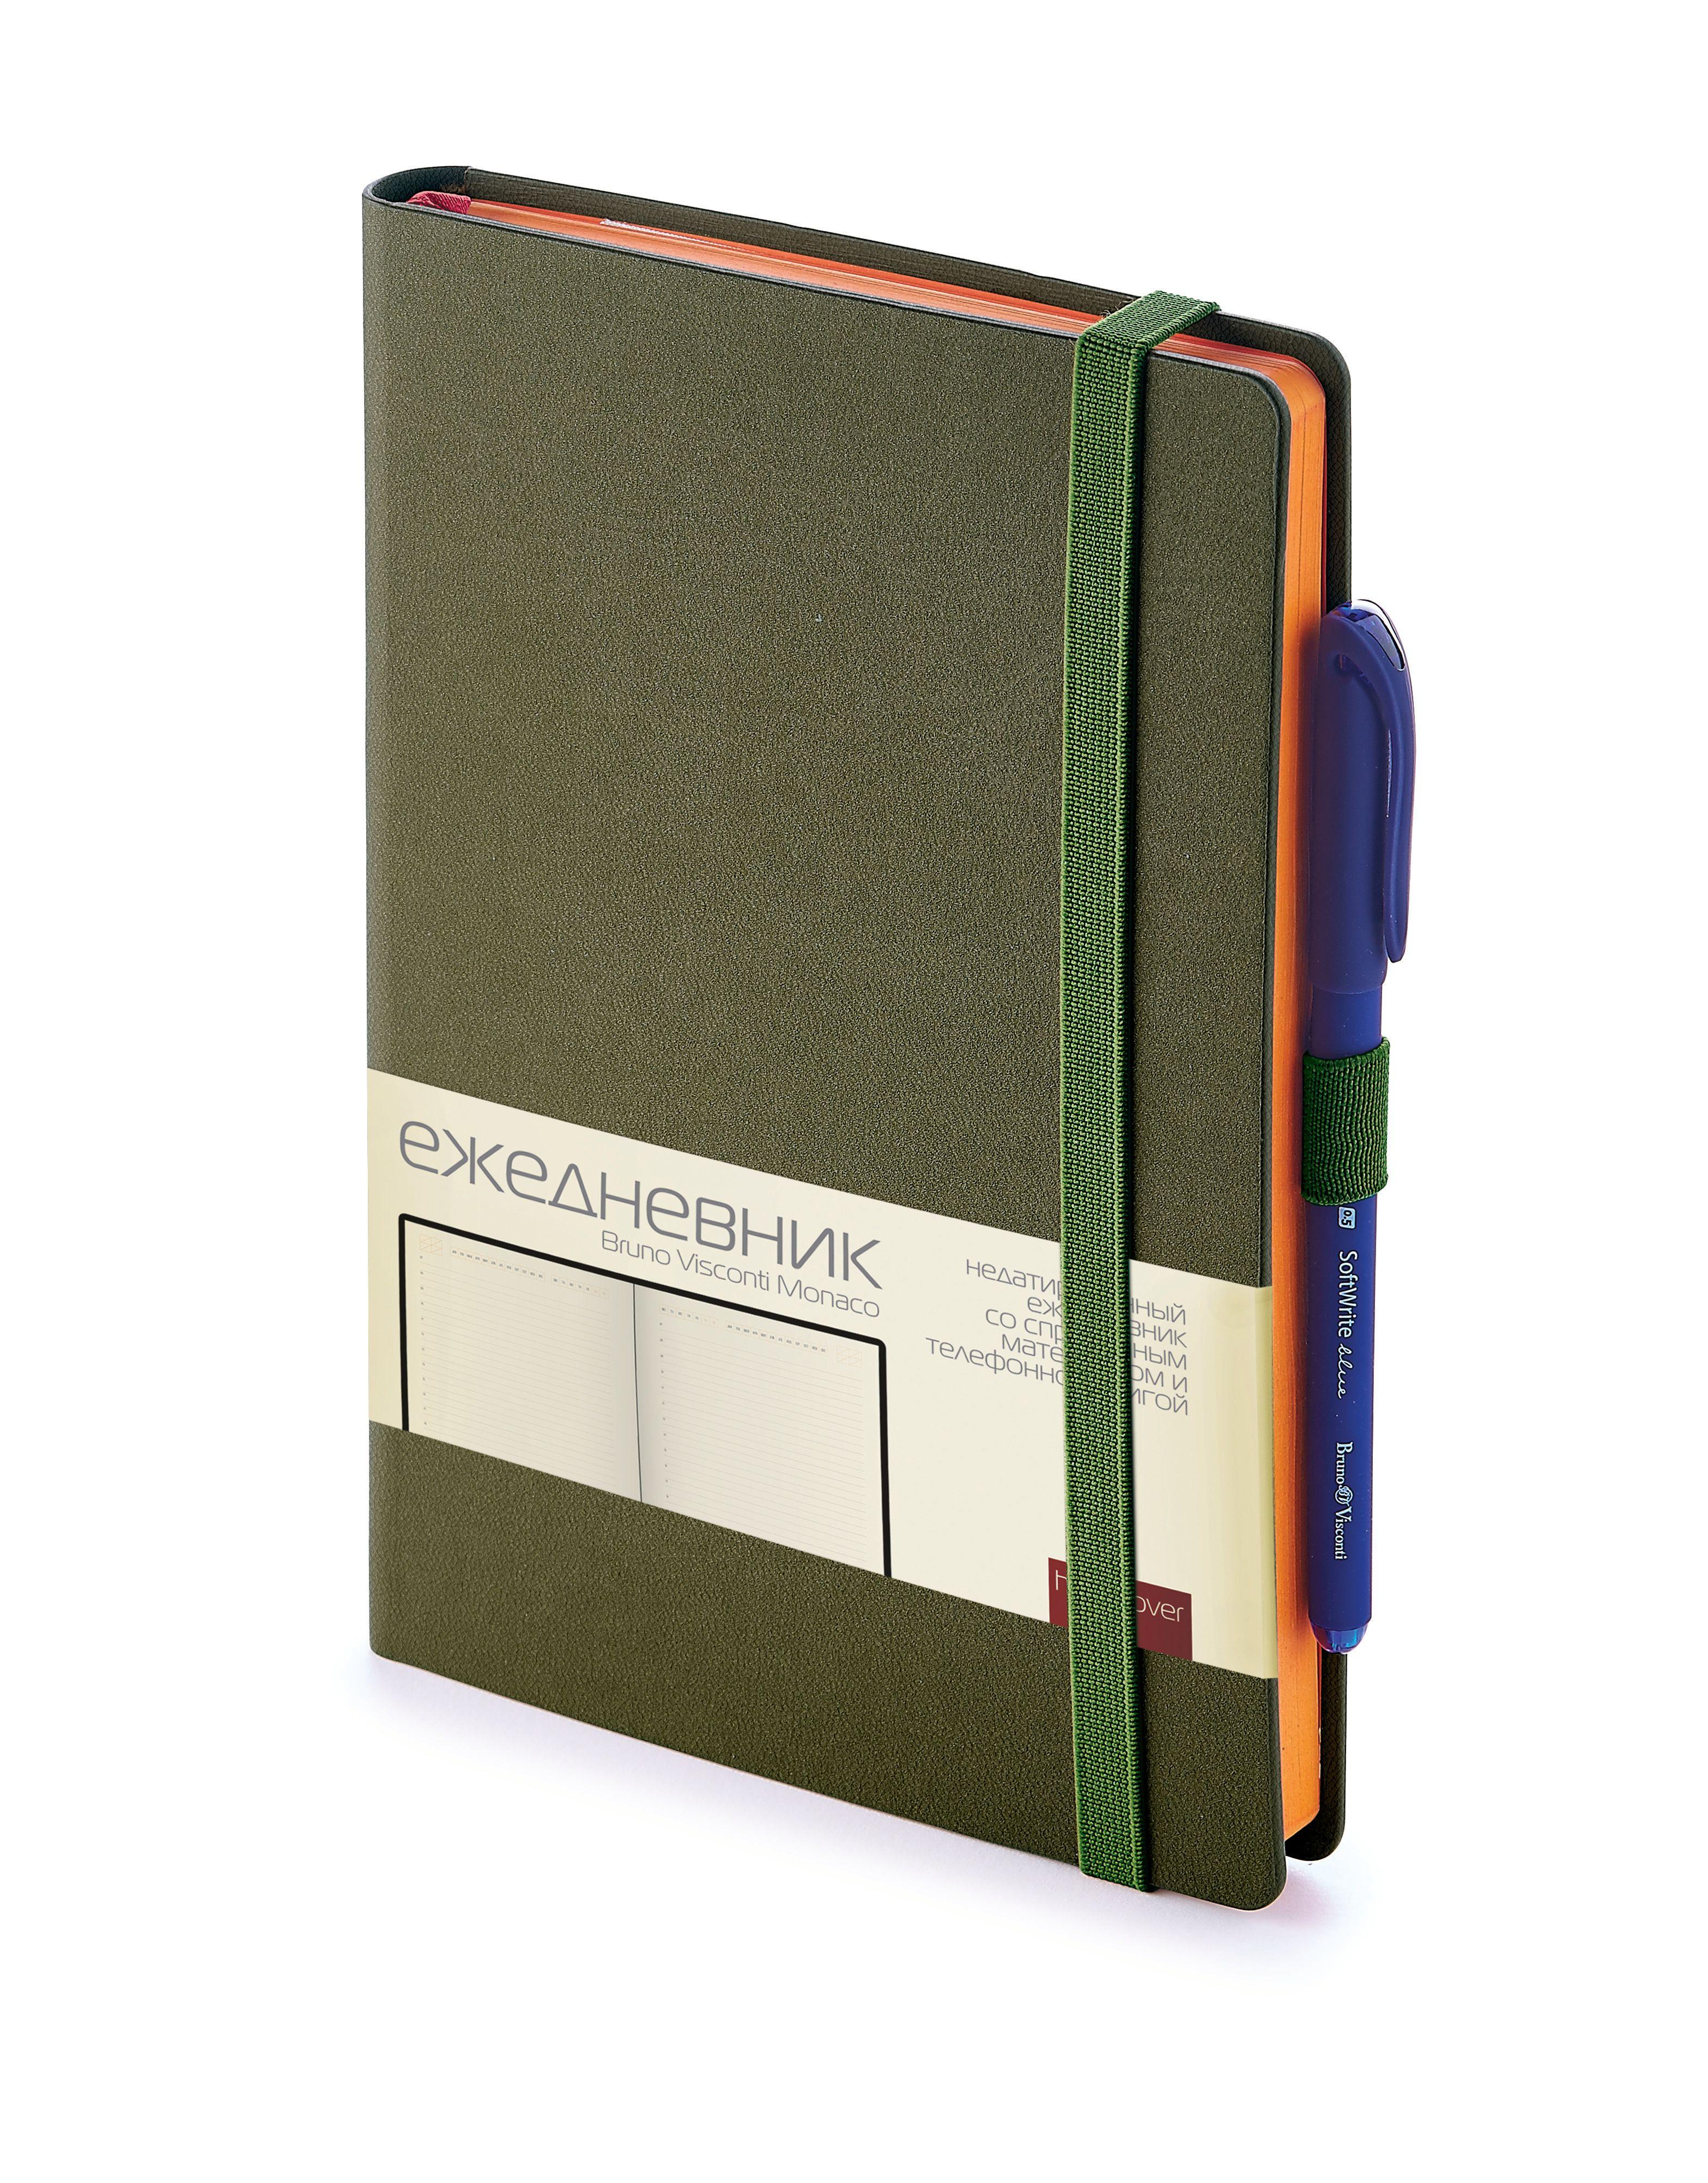 Ежедневник недатированный Monaco, А5, зеленый, бежевый блок, оранжевый обрез, ляссе